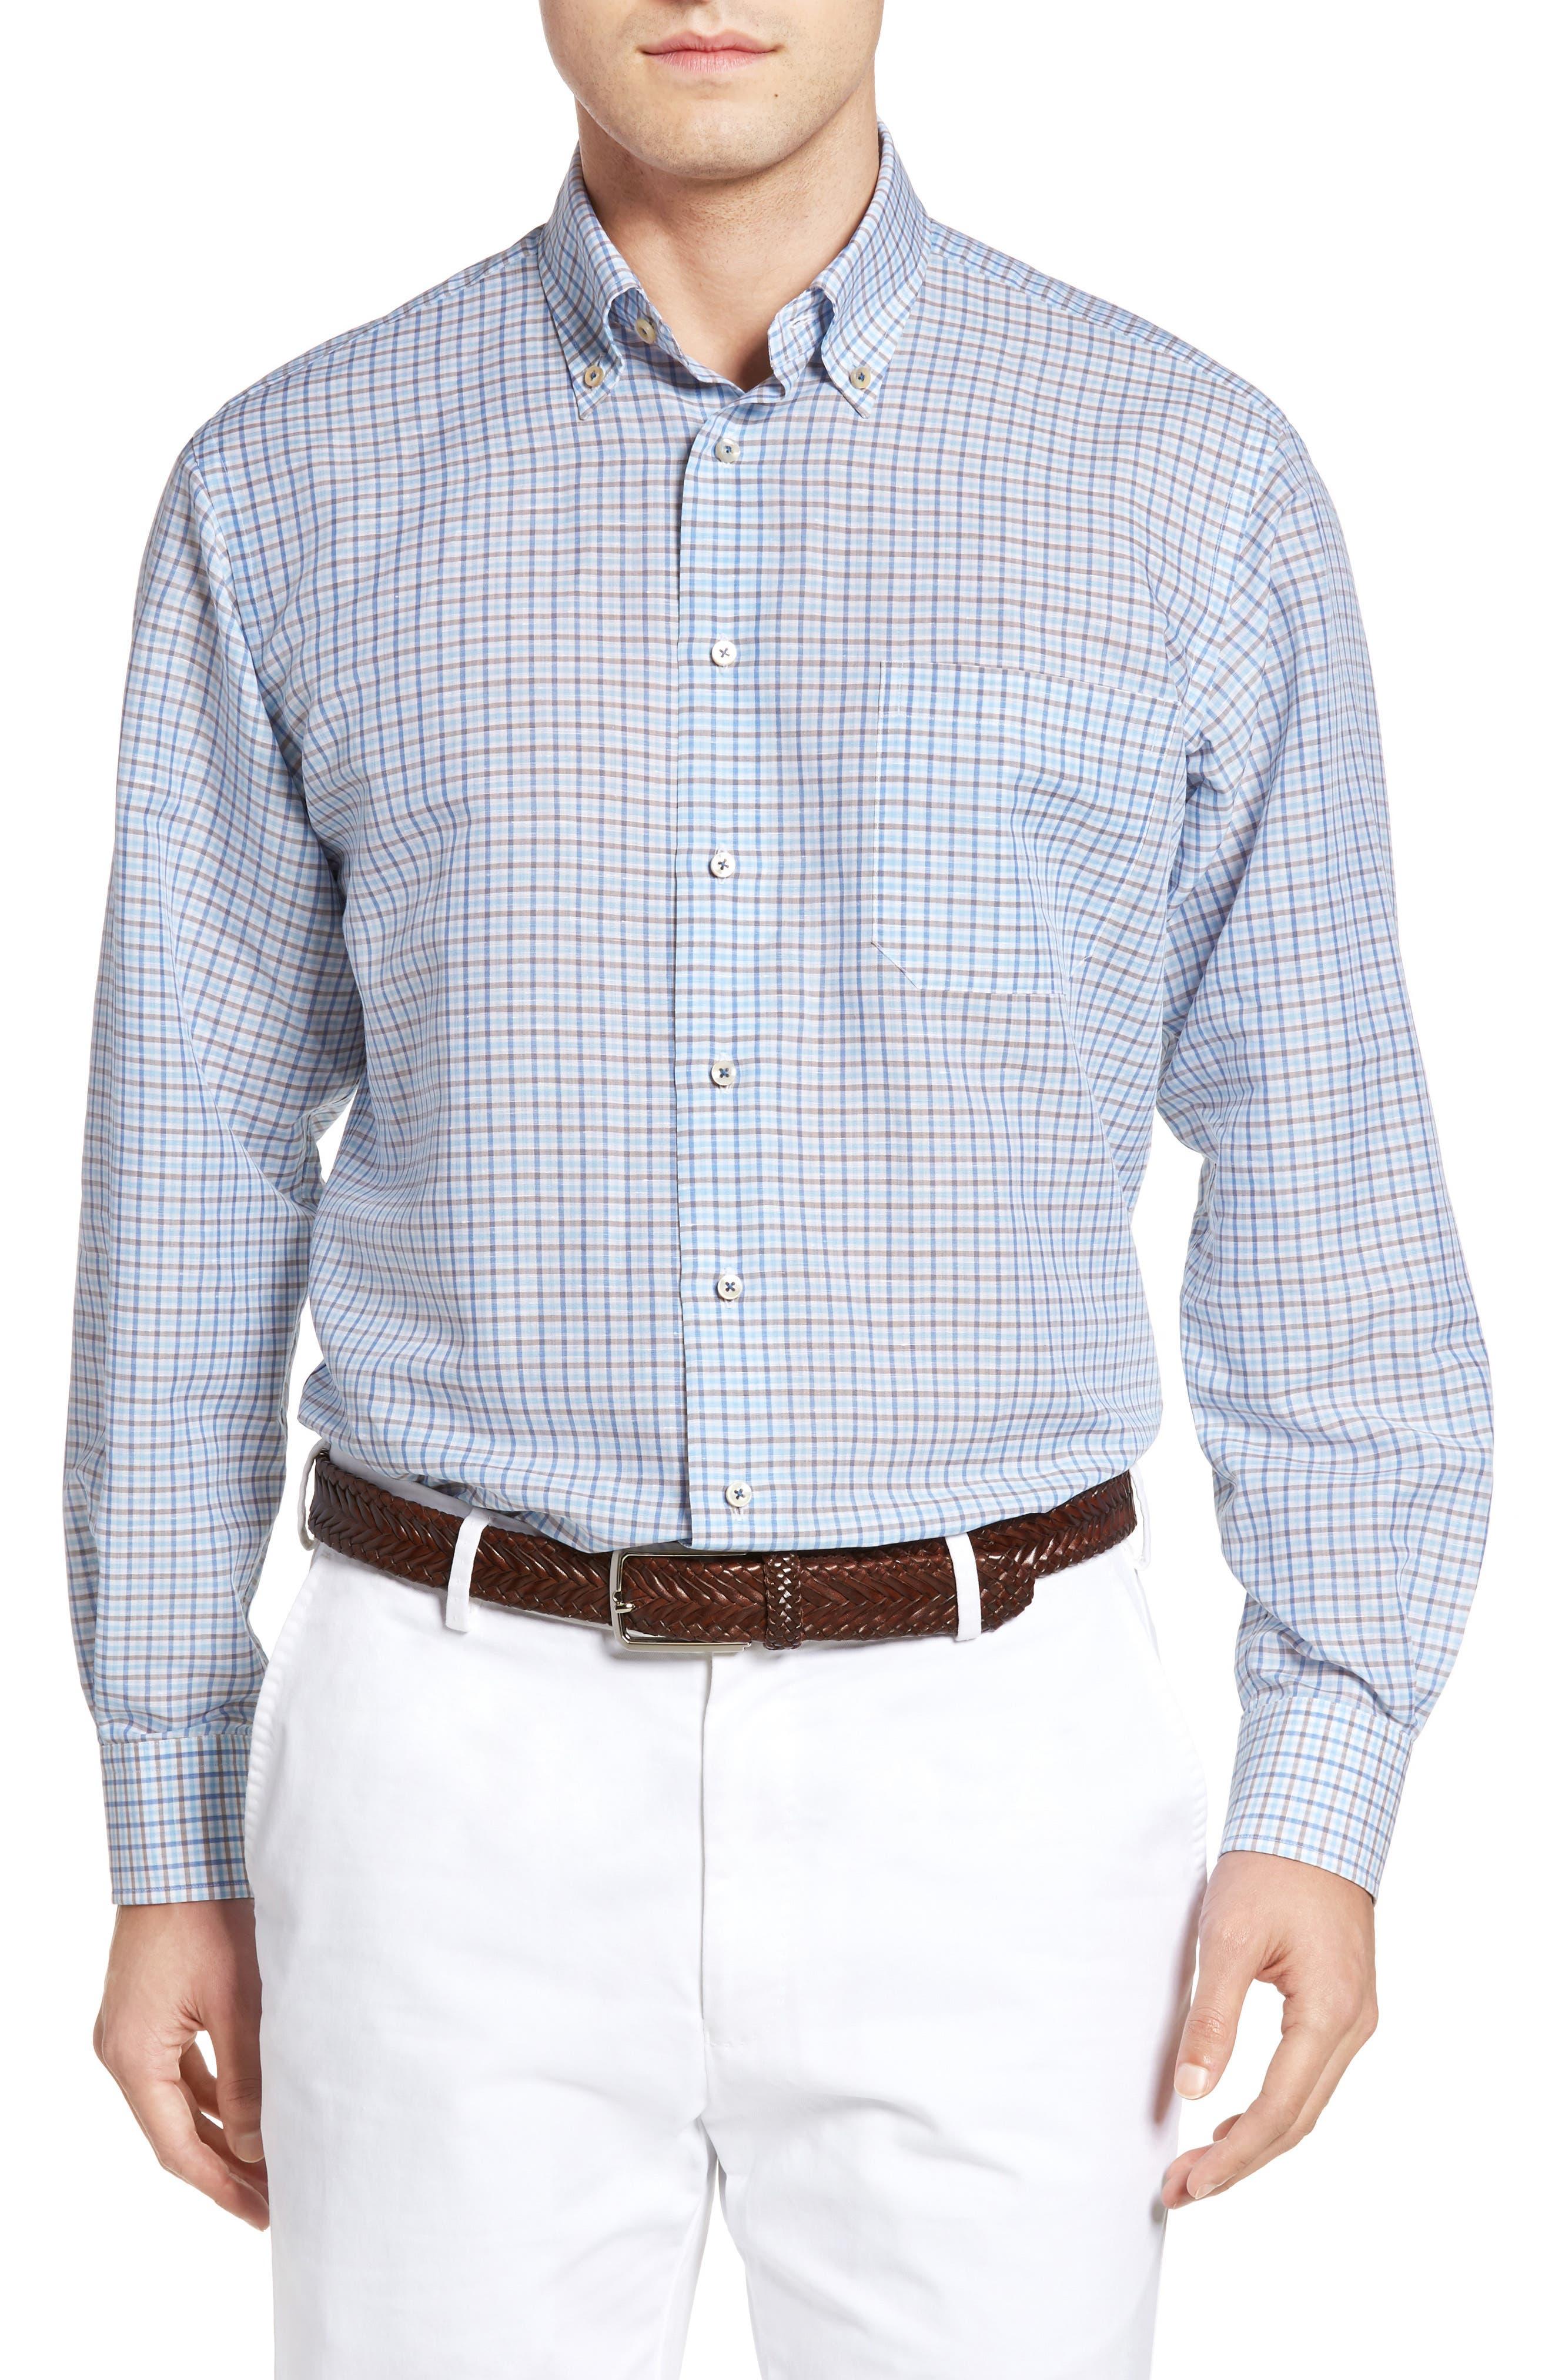 Estate Classic Fit Sport Shirt,                             Main thumbnail 1, color,                             248